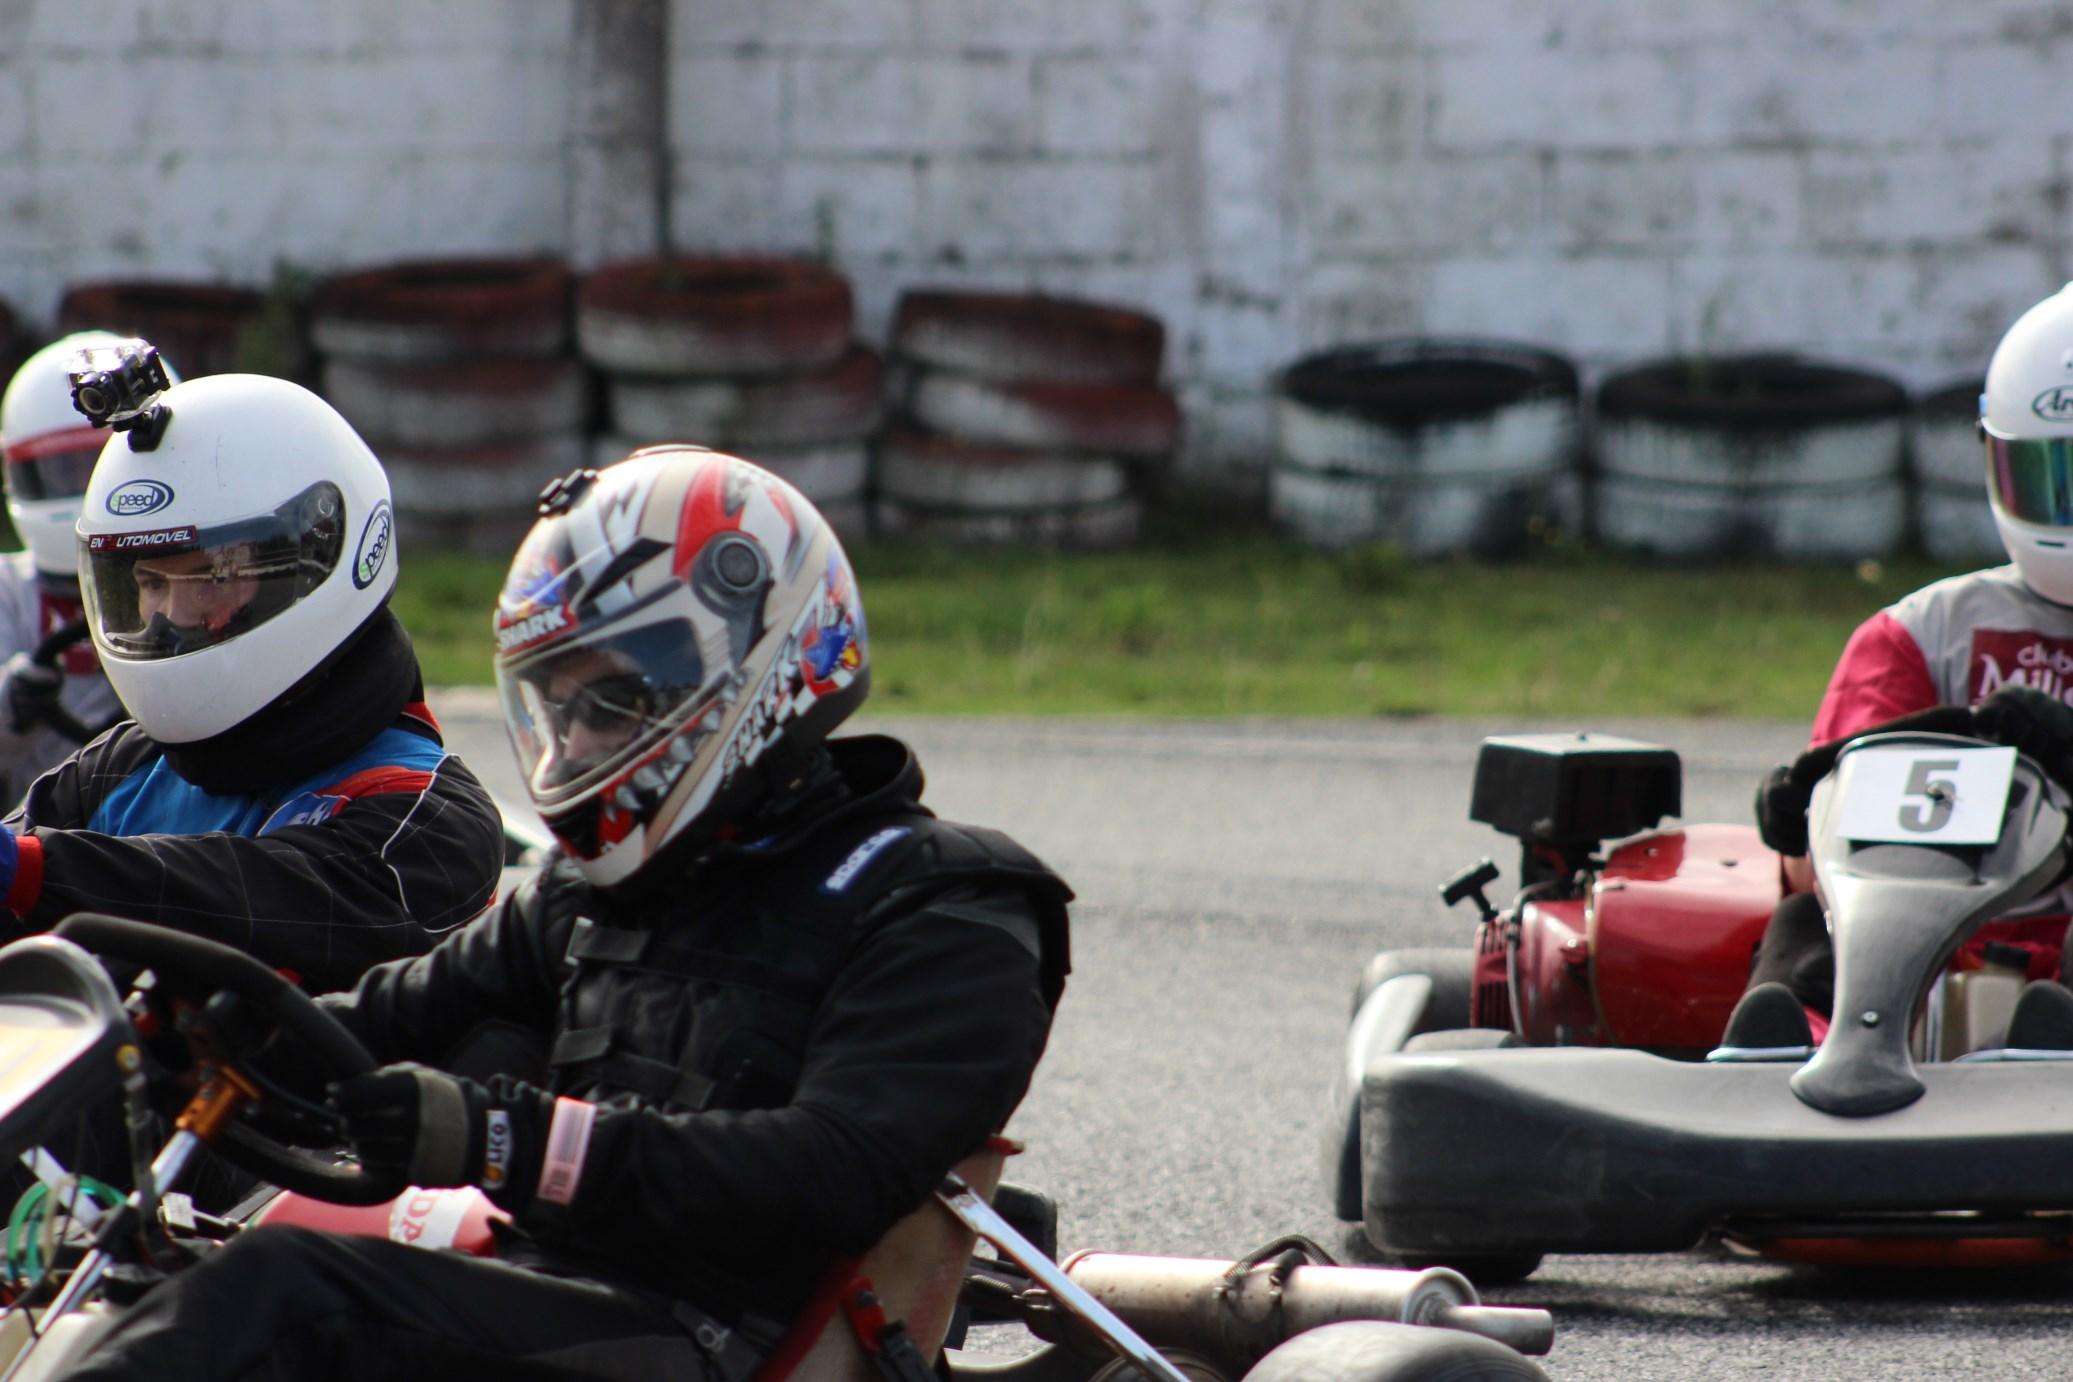 Troféu Honda 2014 - 4ª Prova163